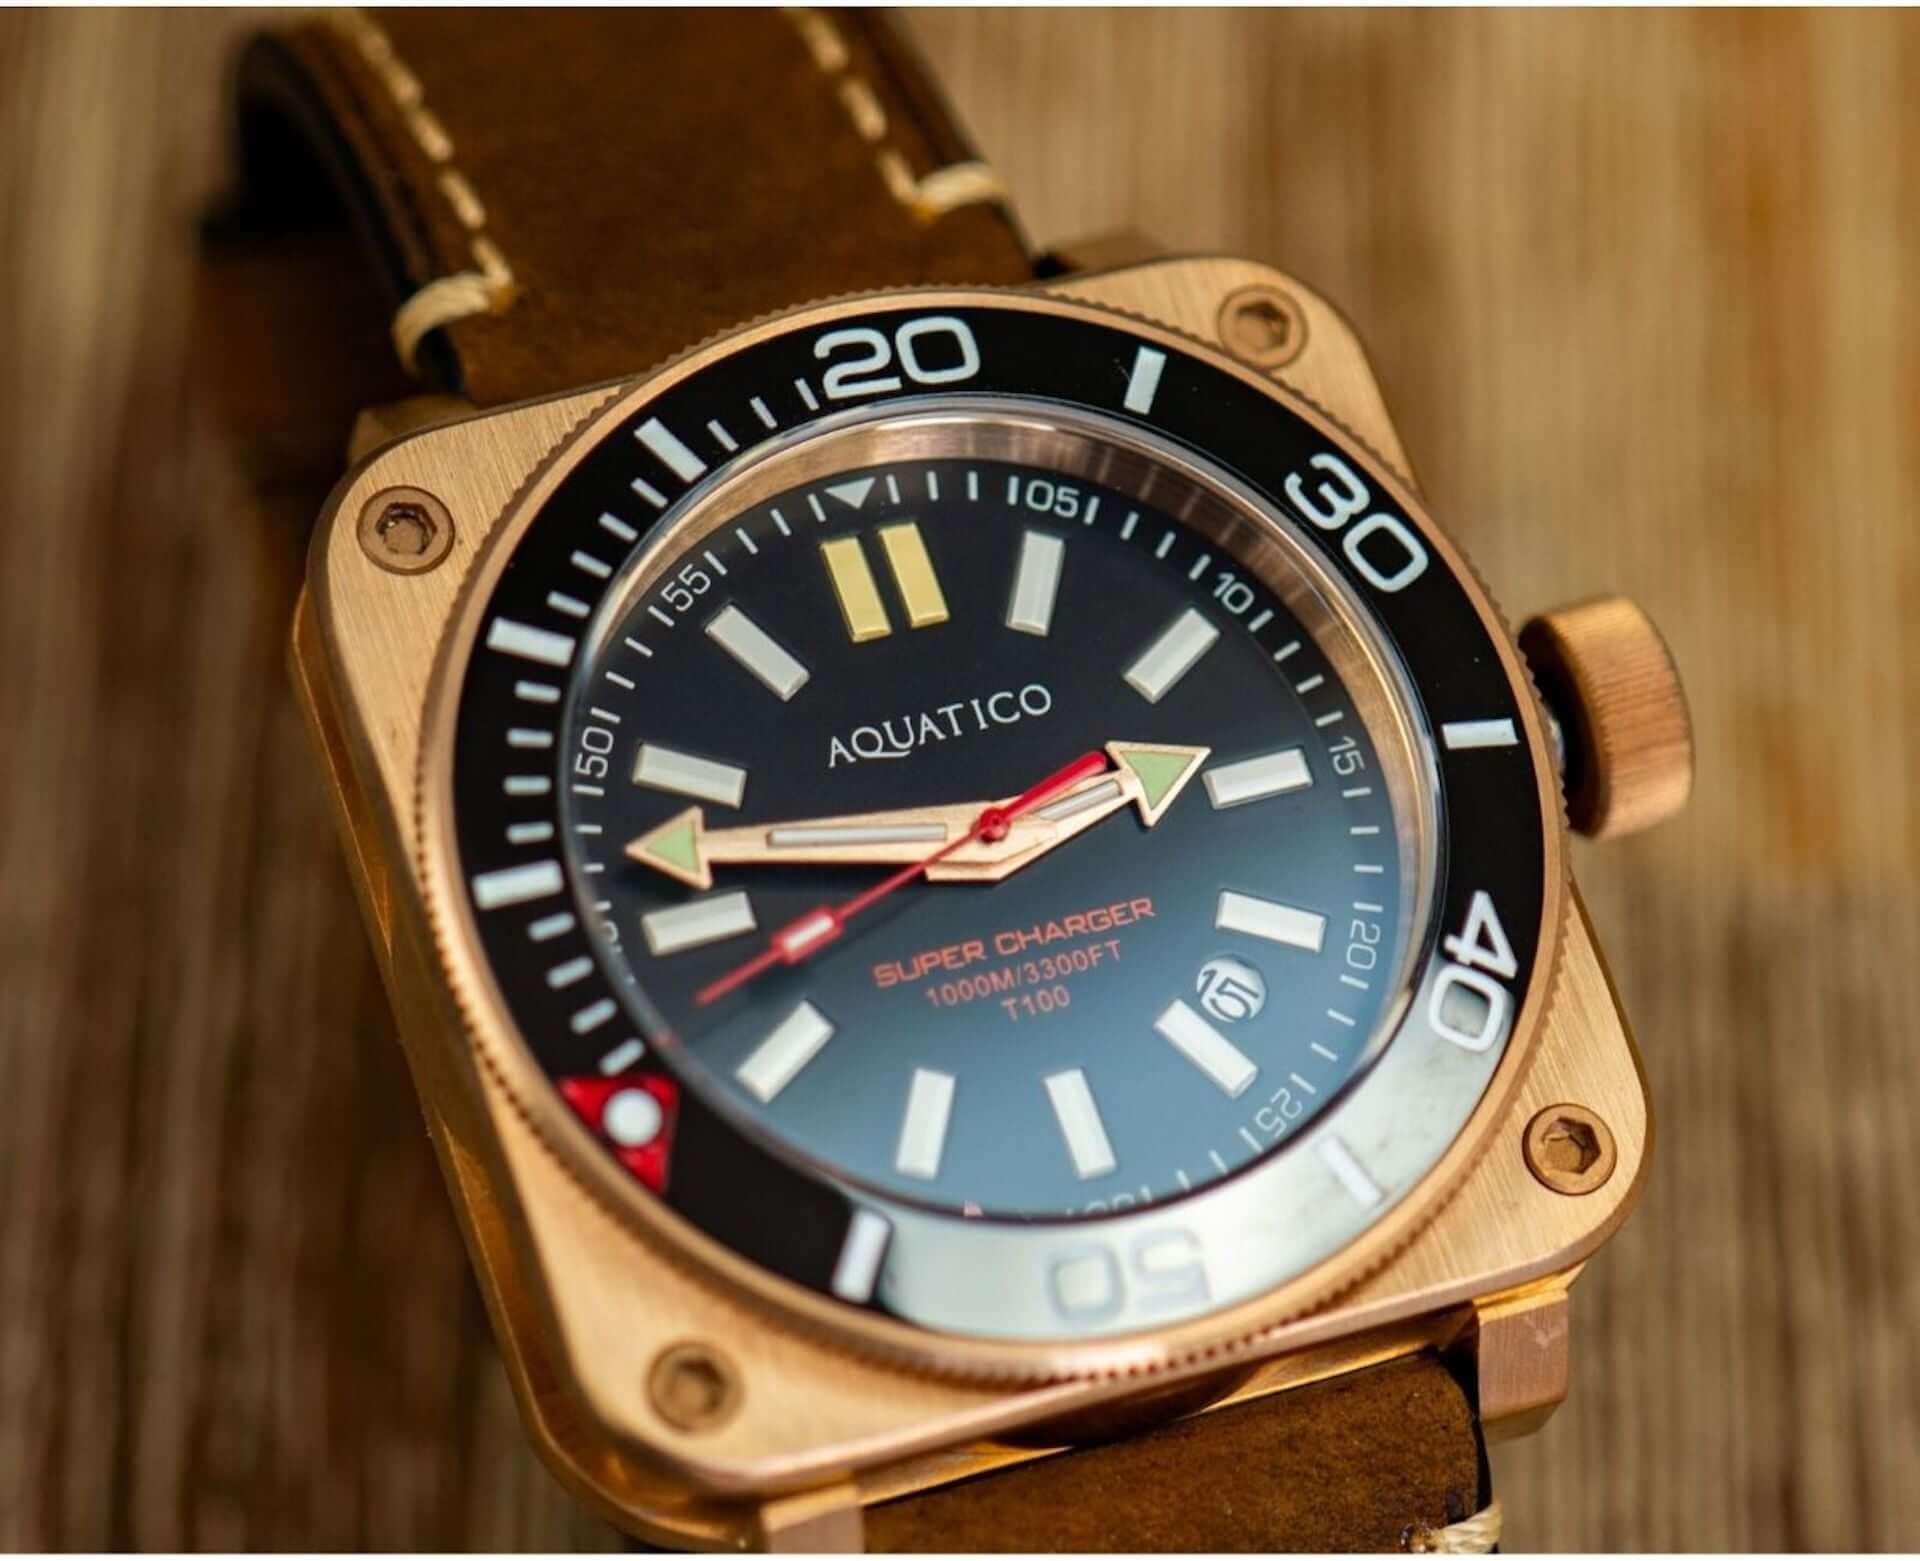 防水性1000mのプロスペック・ダイバーズウォッチ『Super Charger Dive 1000m』がクラウドファンディング「Makuake」に登場! lf200630_super_charger_dive_6-1920x1561